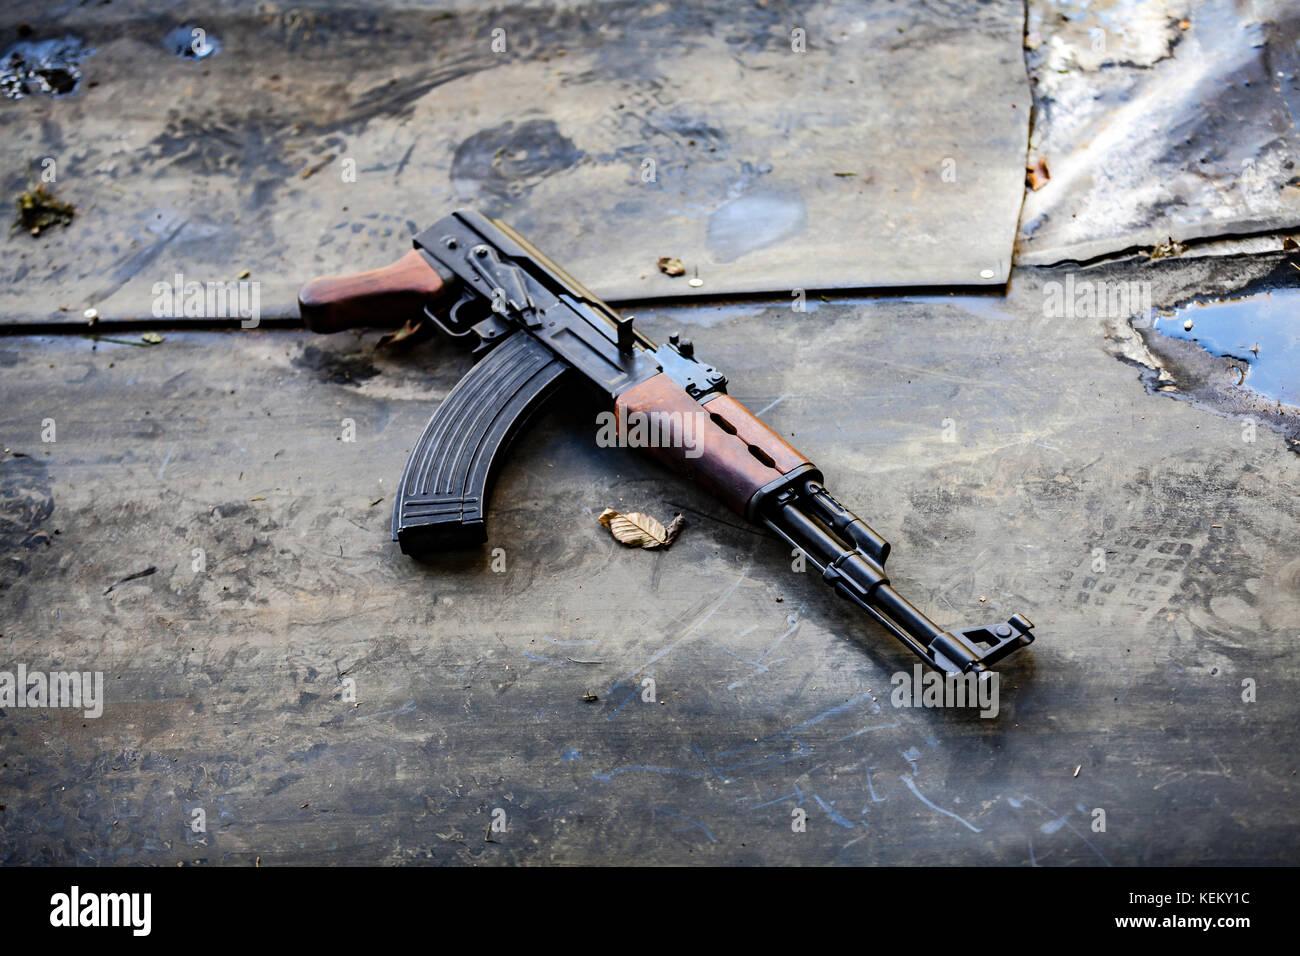 AK-47 Kalashnikov rifle - Stock Image